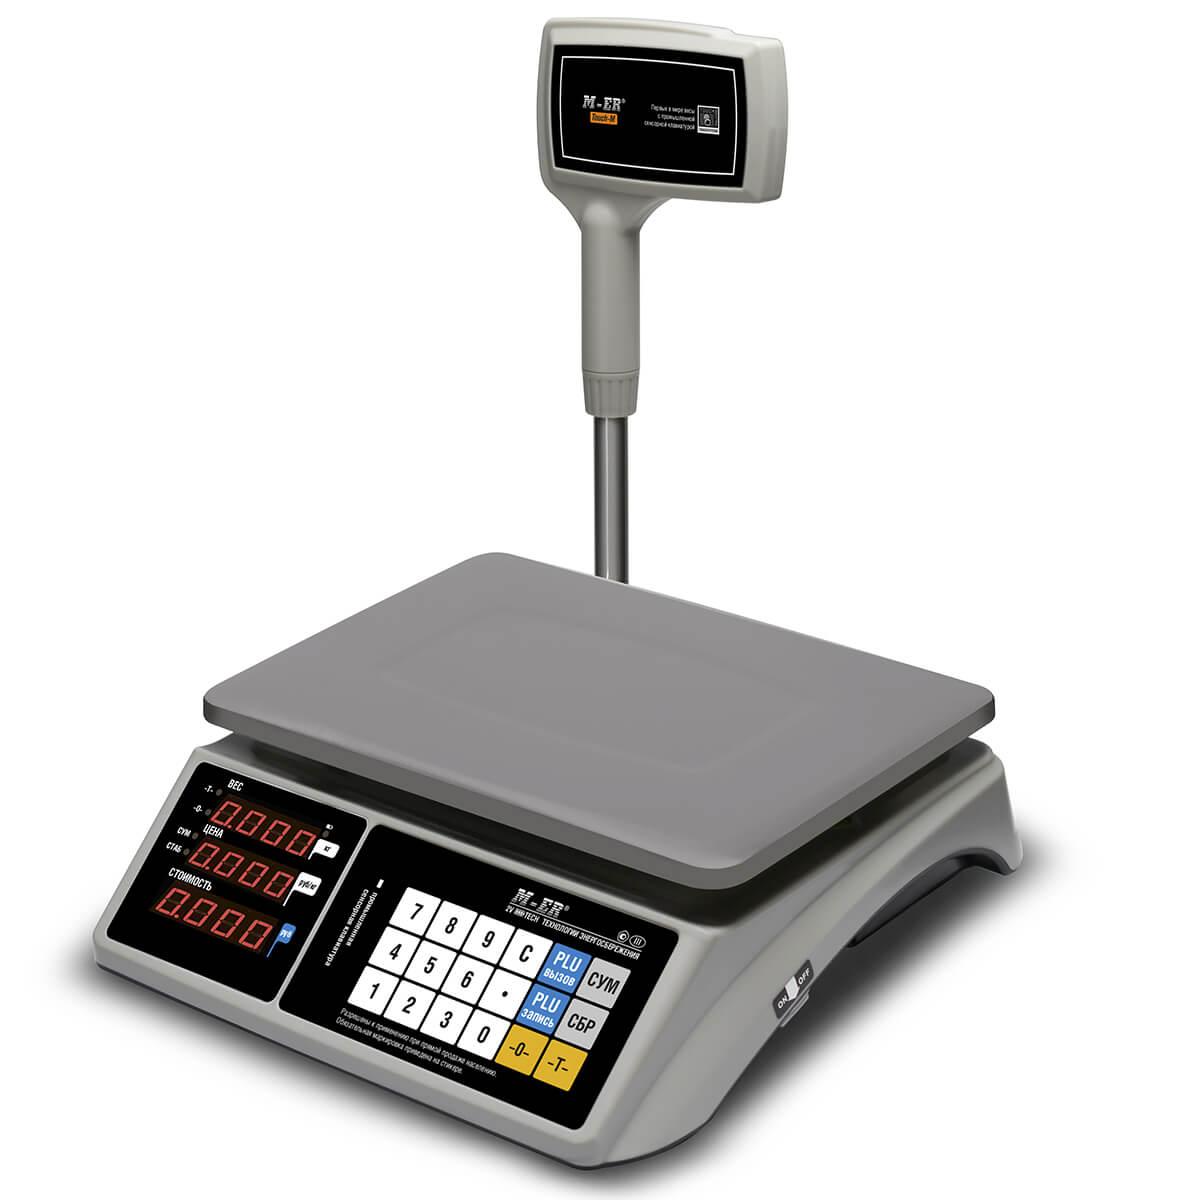 Торговые настольные весы M-ER 328 ACPX-15.2 «TOUCH-M» LED RS232 и USB